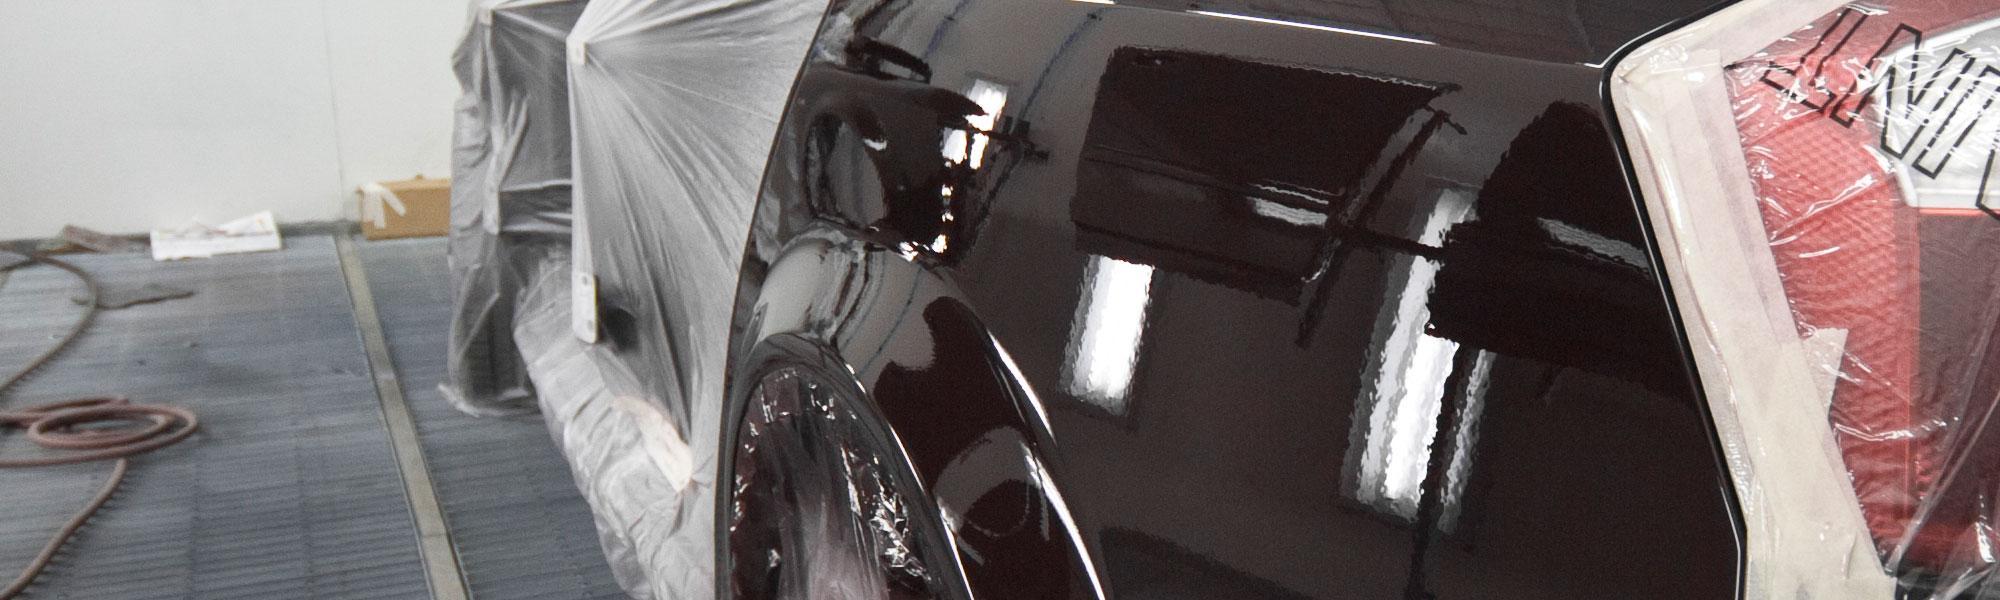 autobody-service-of-lynn-ma